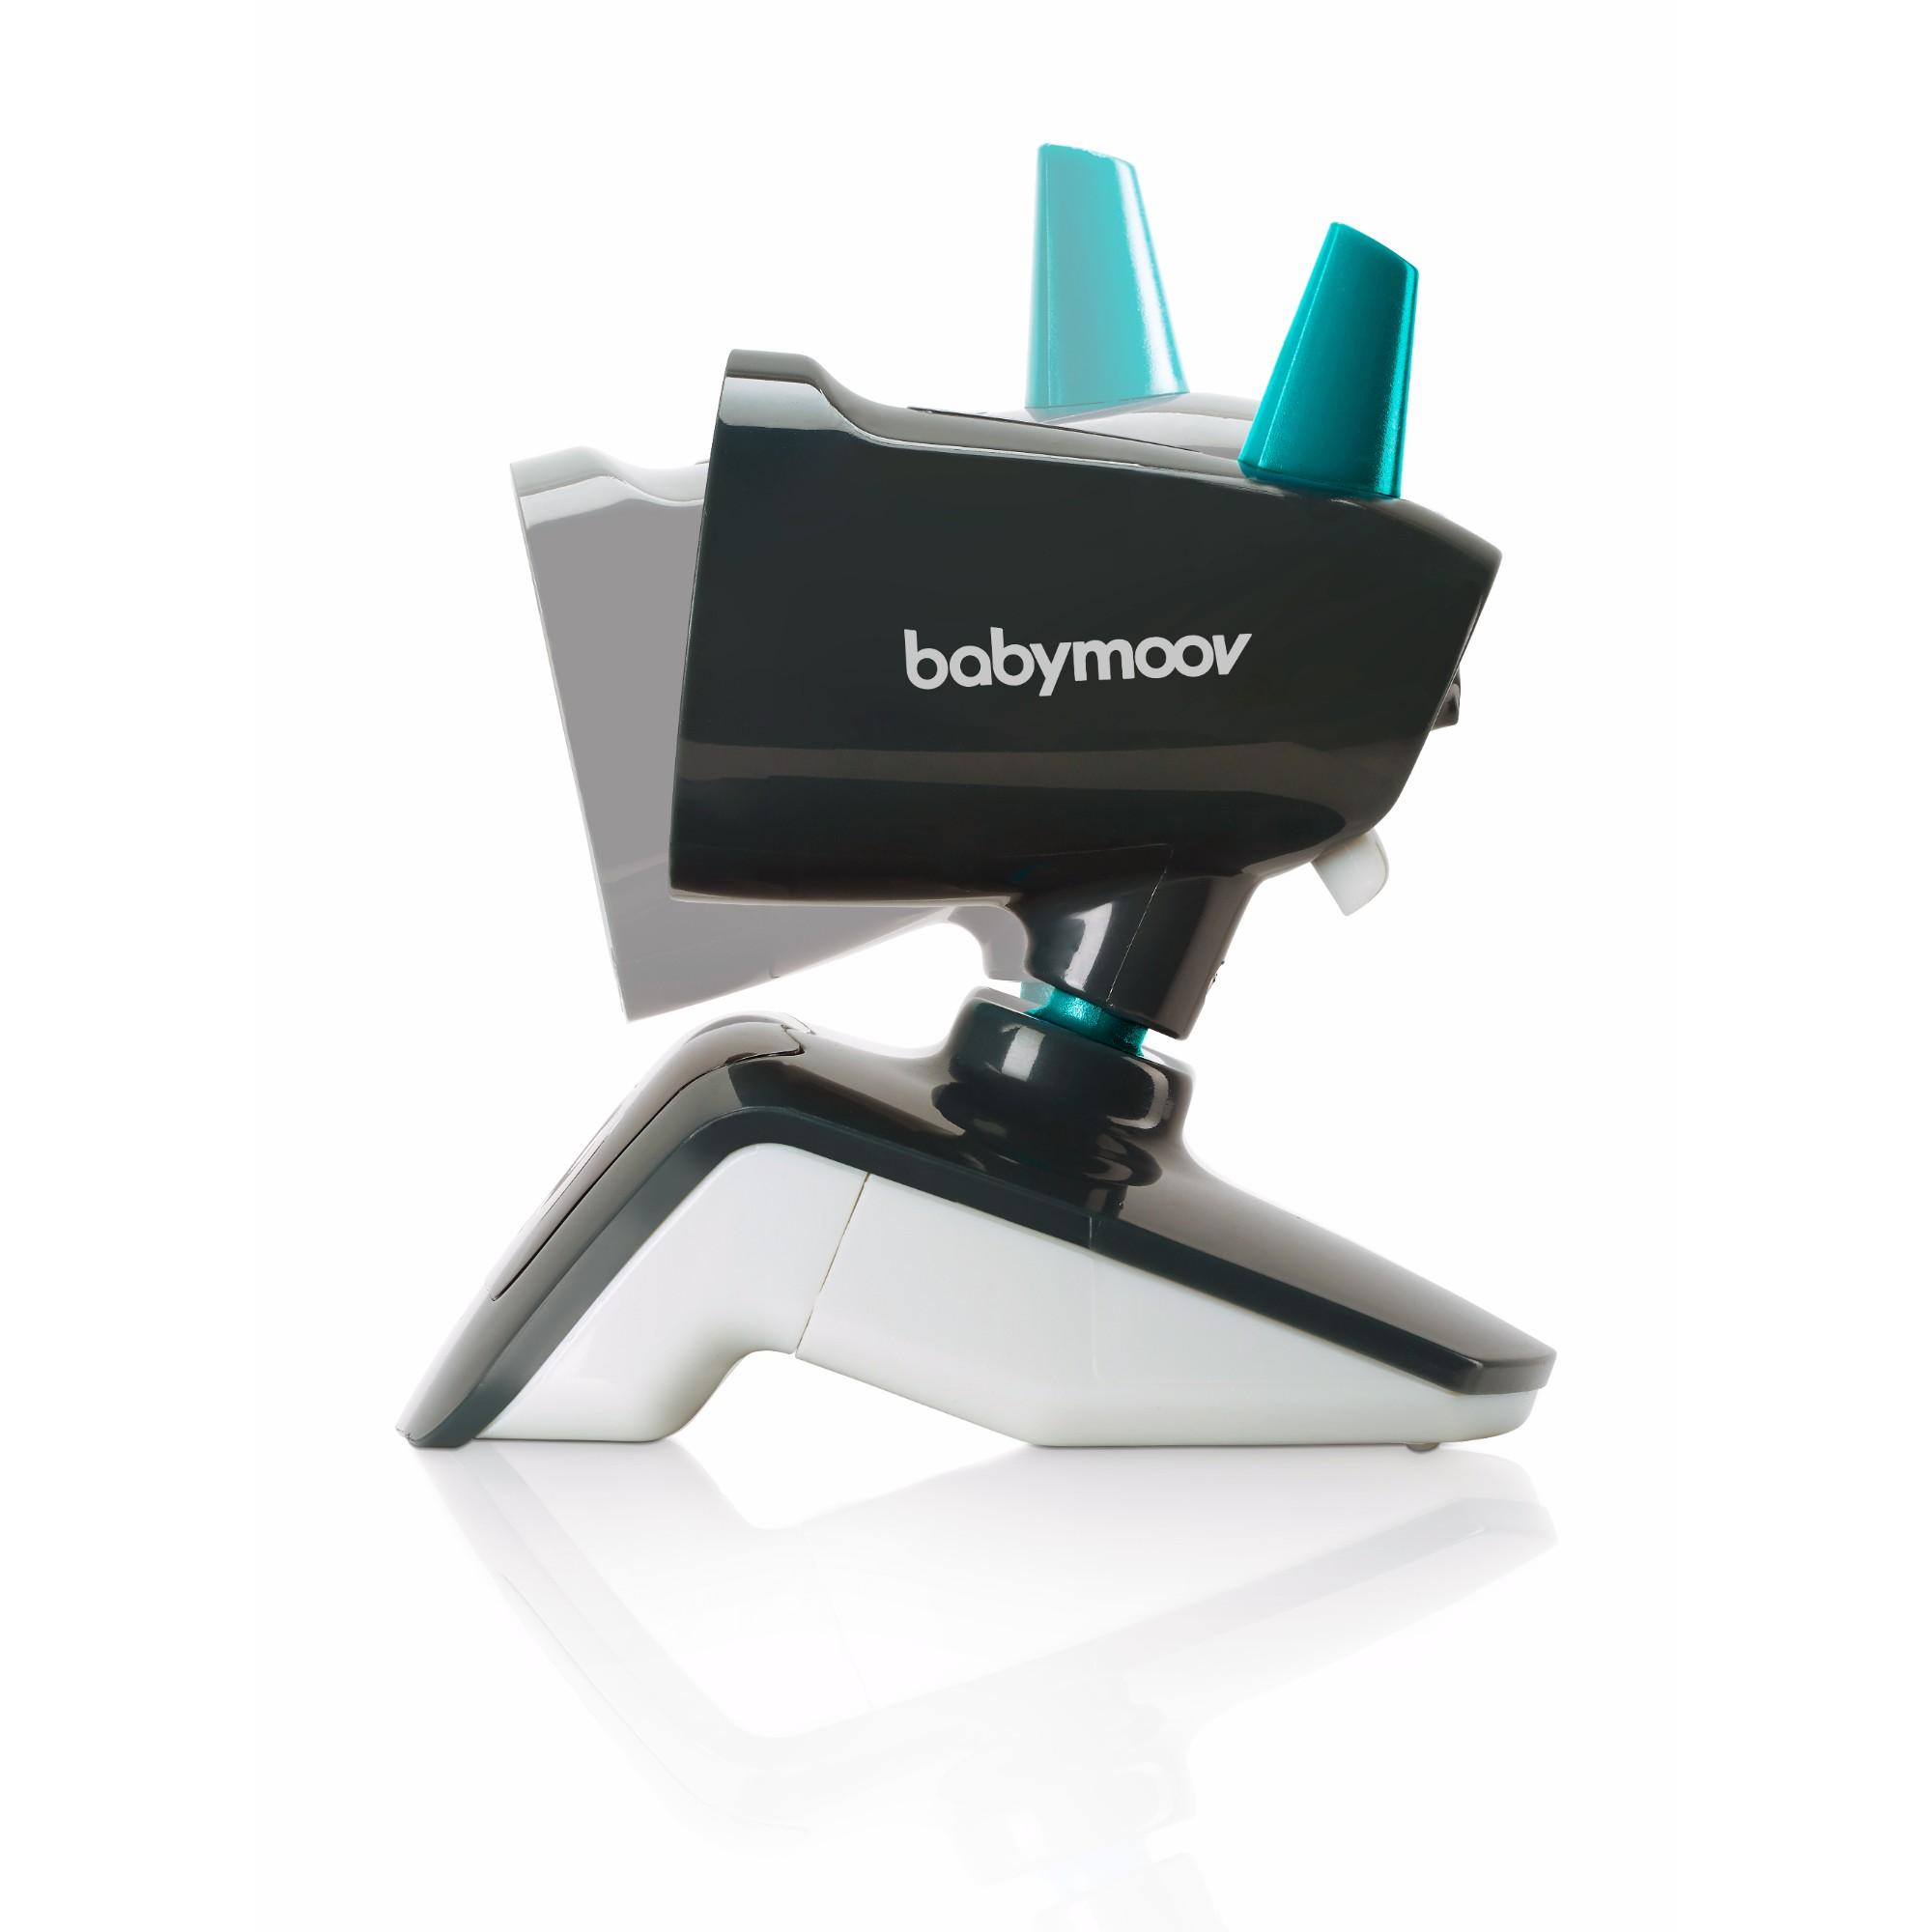 Babymoov Yoo viaje Video Monitor de bebé//infantil//transmisor con visión nocturna